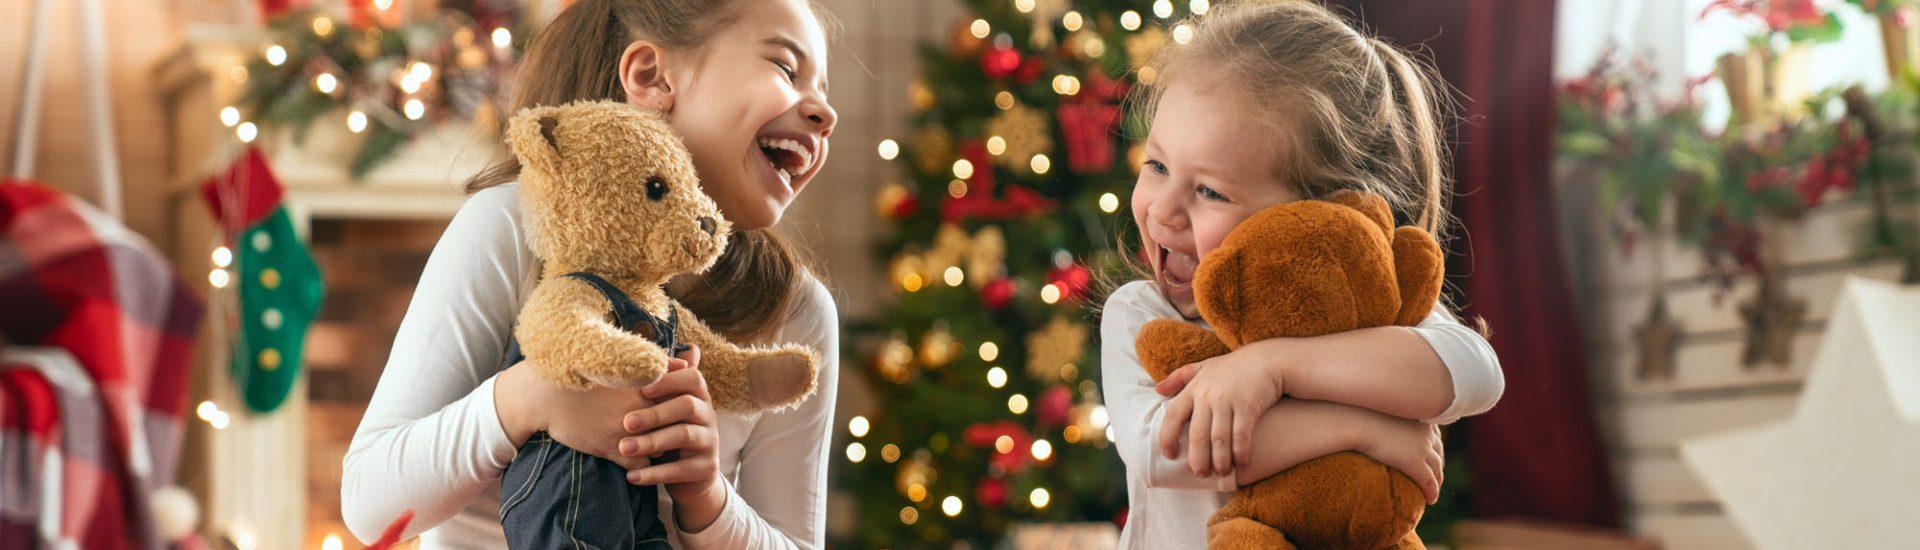 Weihnachtsgeschenke für Kinder - Top 10 Inspirationen für Weihnachten 2019